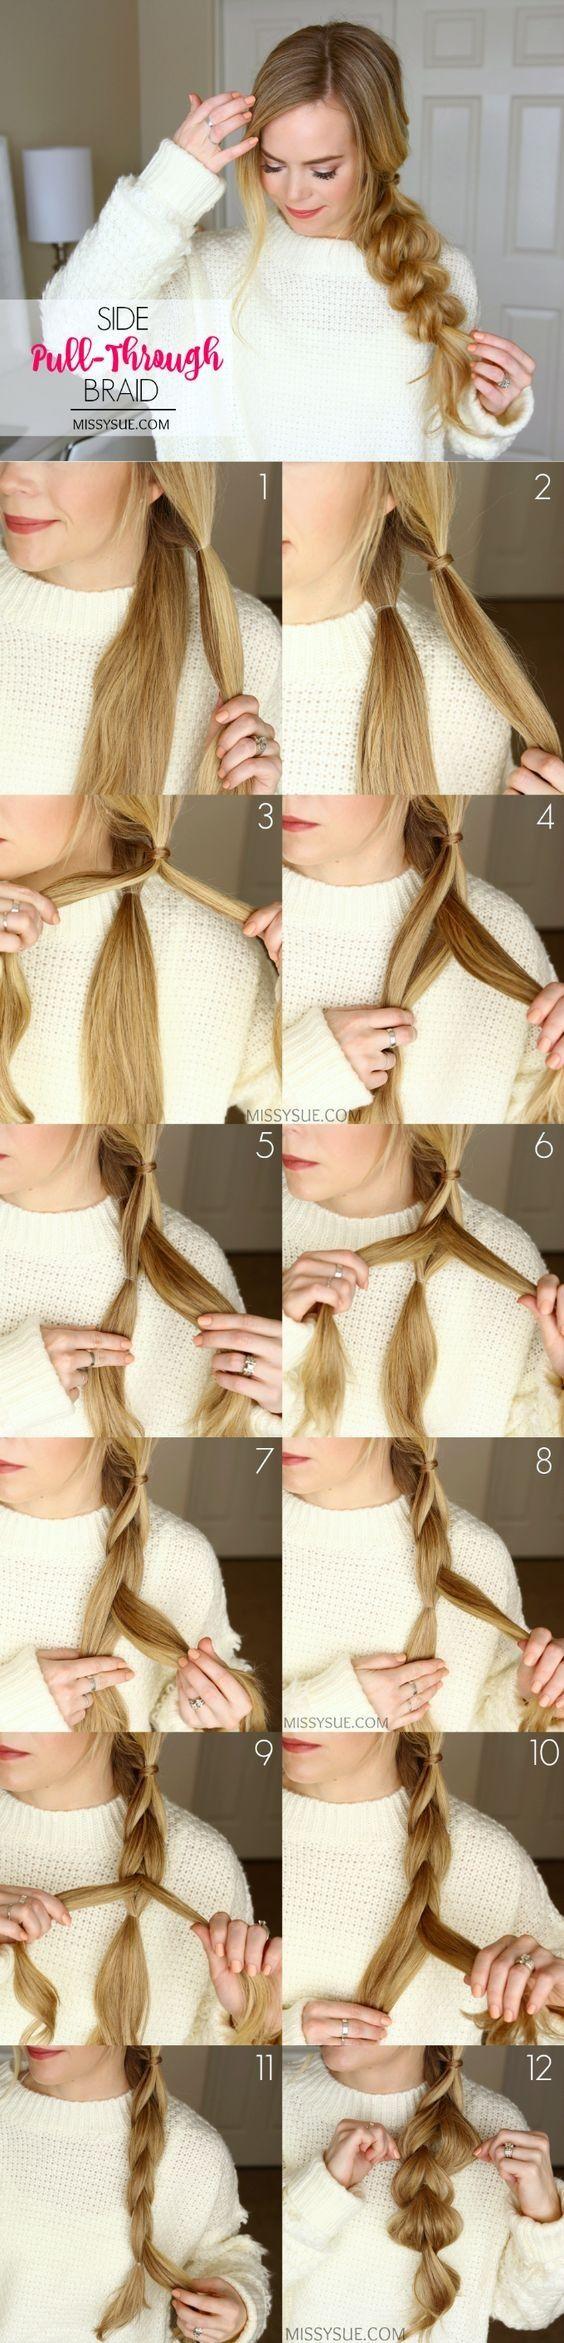 Peinados perfectos para flojear estas vacaciones braid tutorials